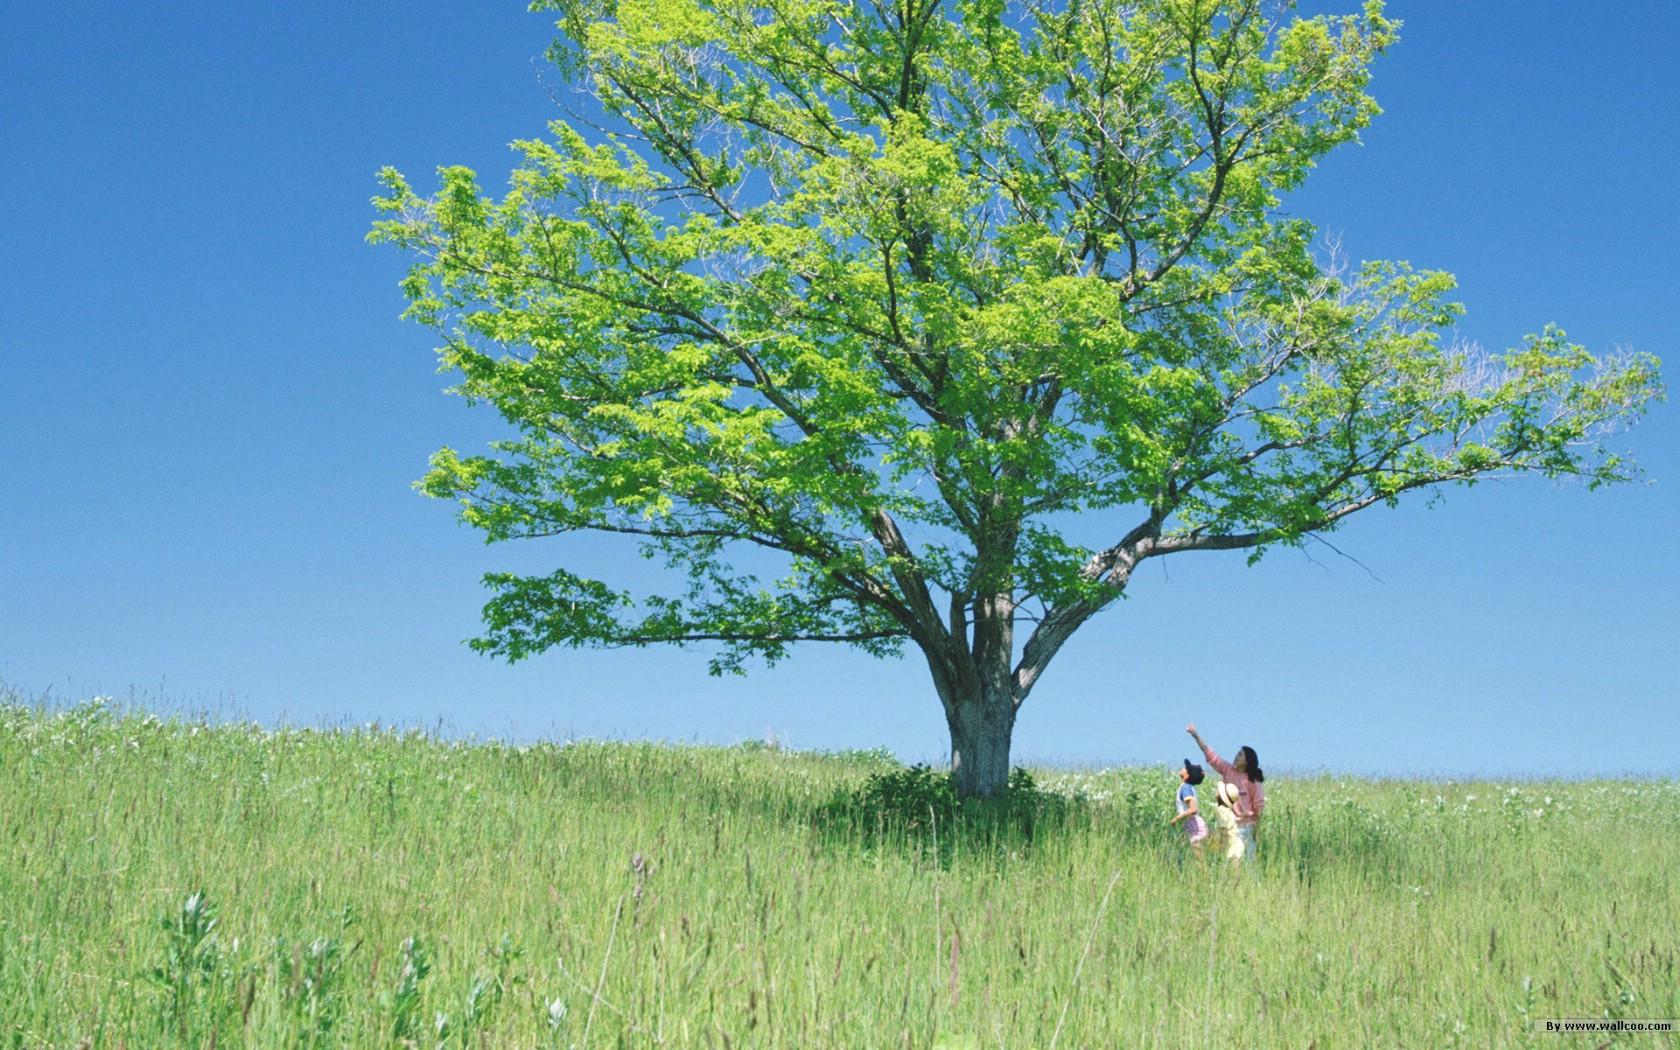 壁纸1680 1050感受大自然 人与自然主题壁纸 感受大自然 田野树荫壁纸,感受大自然 人与自然主题摄影壁纸图片